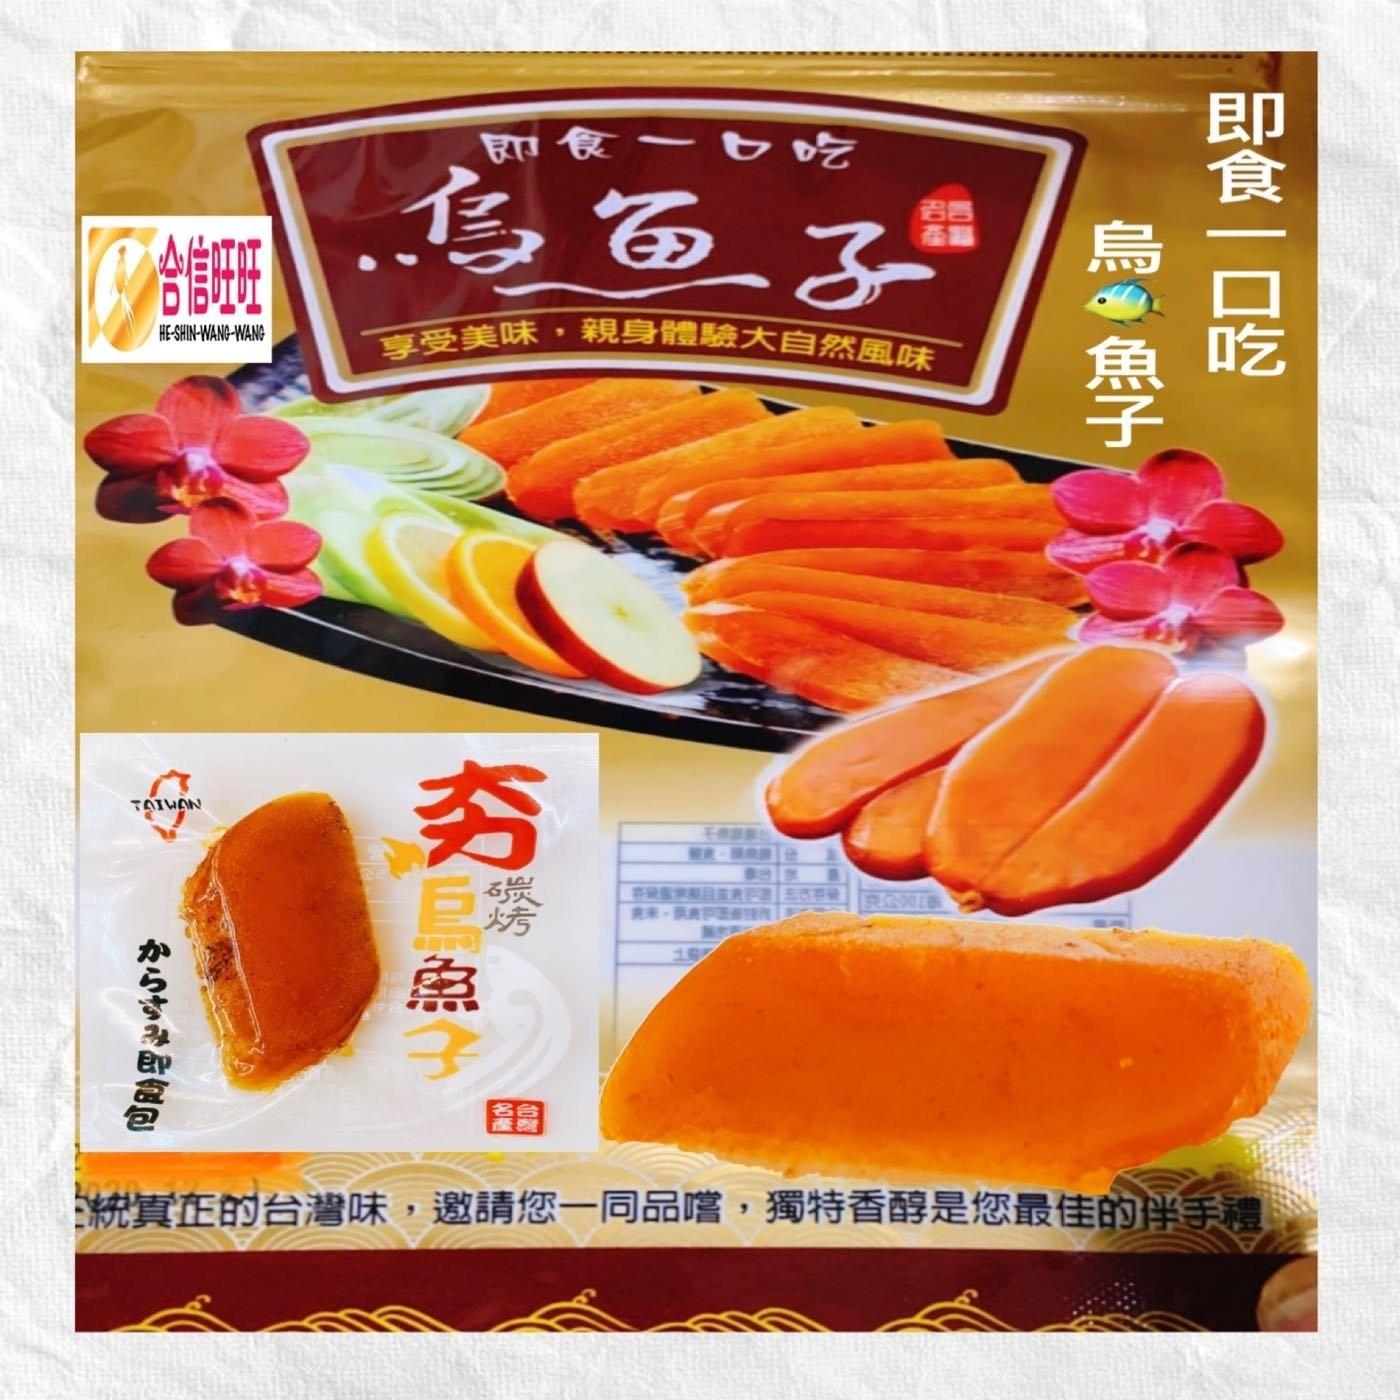 【合信旺旺】即食烏魚子一口吃100克/厚切 口感綿密 彈牙 口齒留香 品質衛生有保證